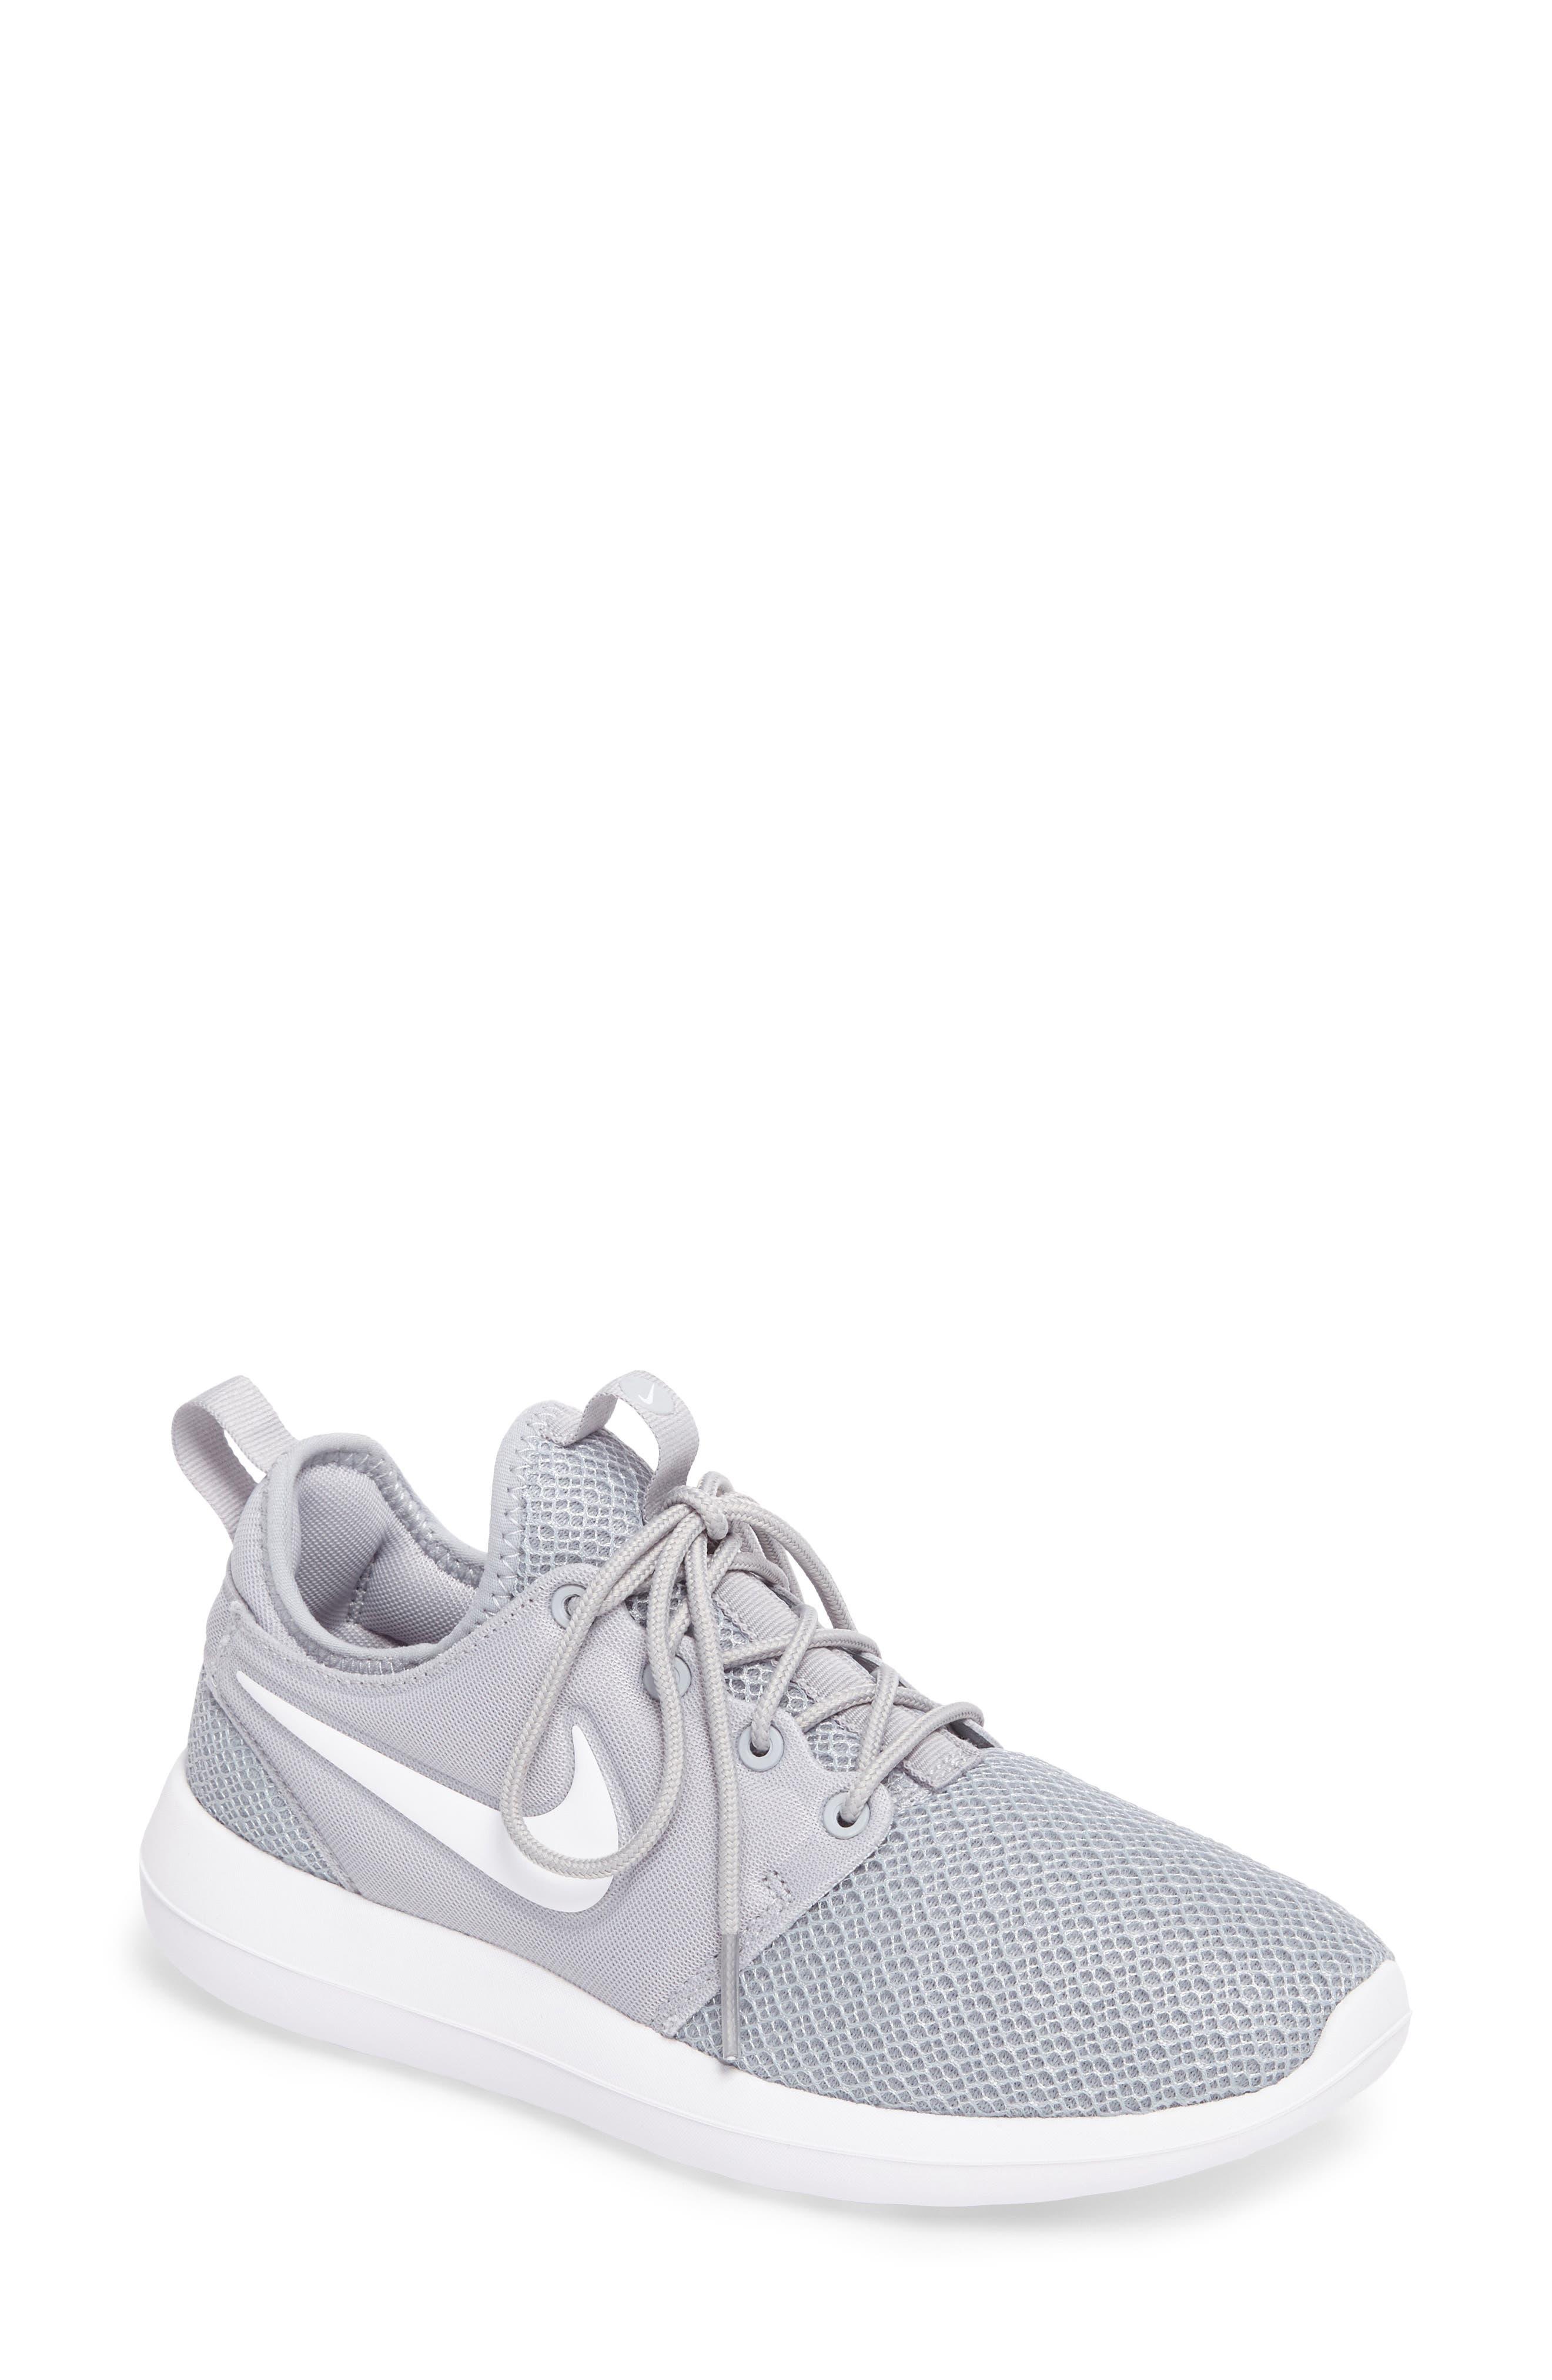 Nike Roshe Deux Magasin De Baskets Nordstrom